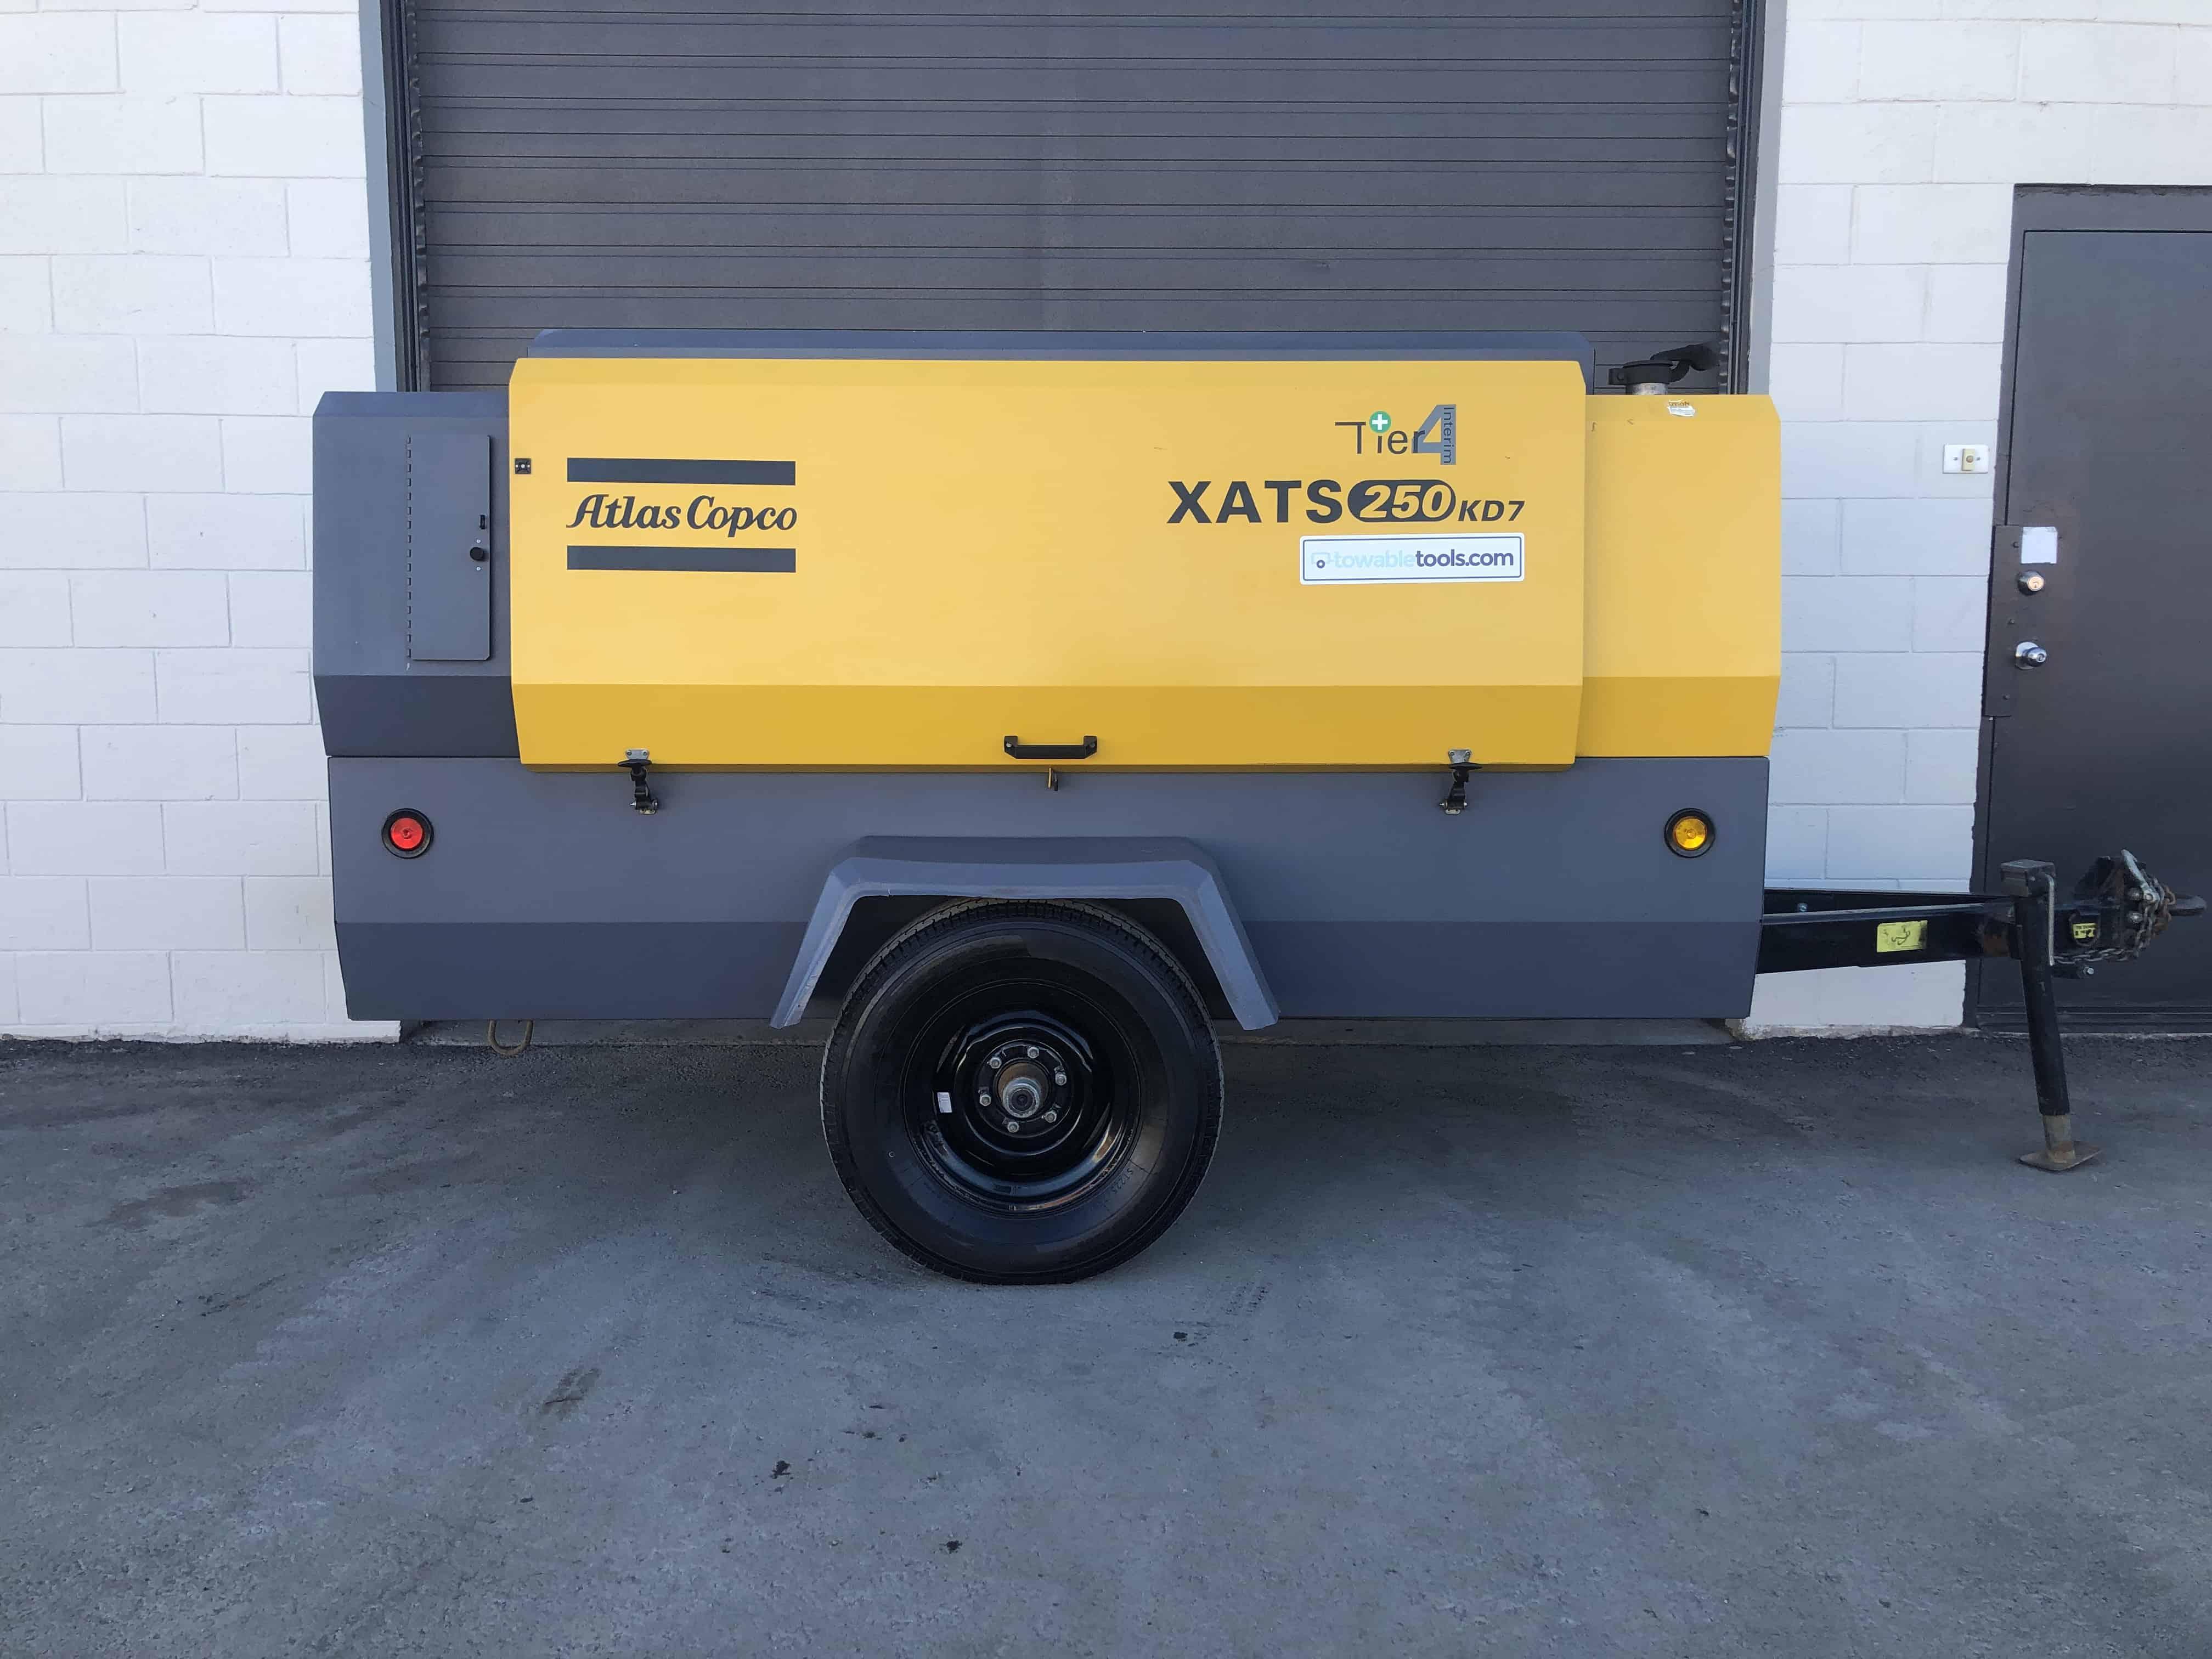 Atlas Copco 250 cfm air compressor at Towable Tools Alberta Canada